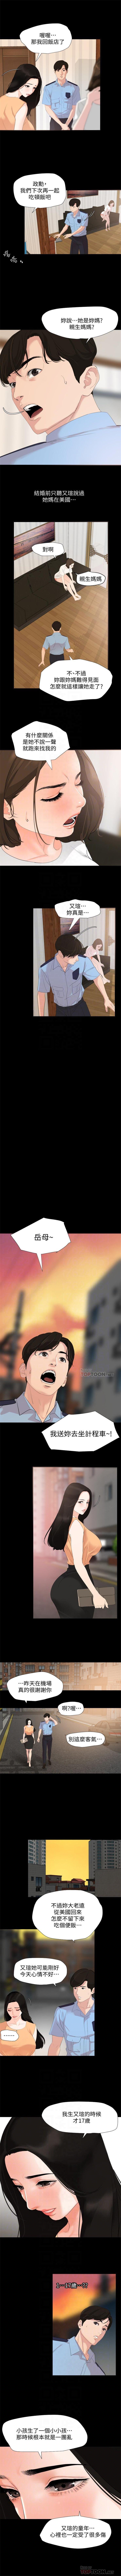 與岳母同屋 1-16 官方中文(連載中) 9